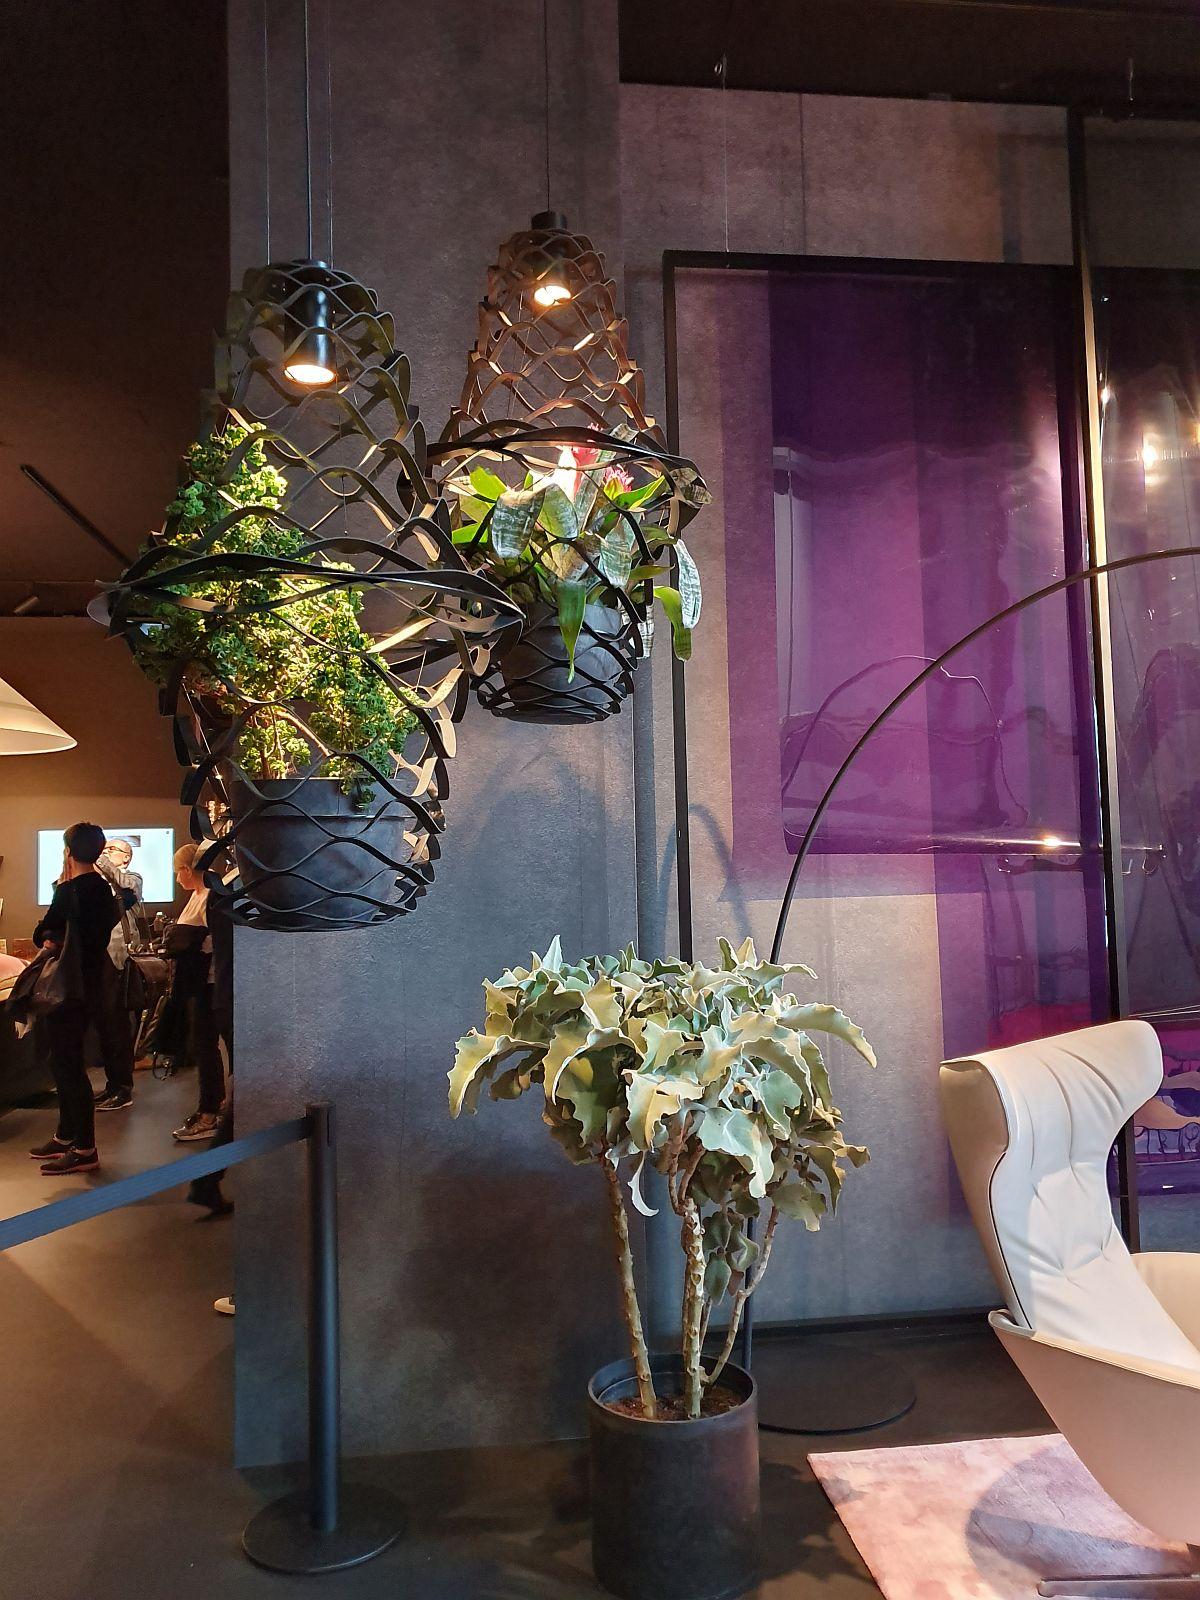 Pe lângă mobilă au fost expuse și suporturi inedite pentru plante. Aici de la Walter Knoll.